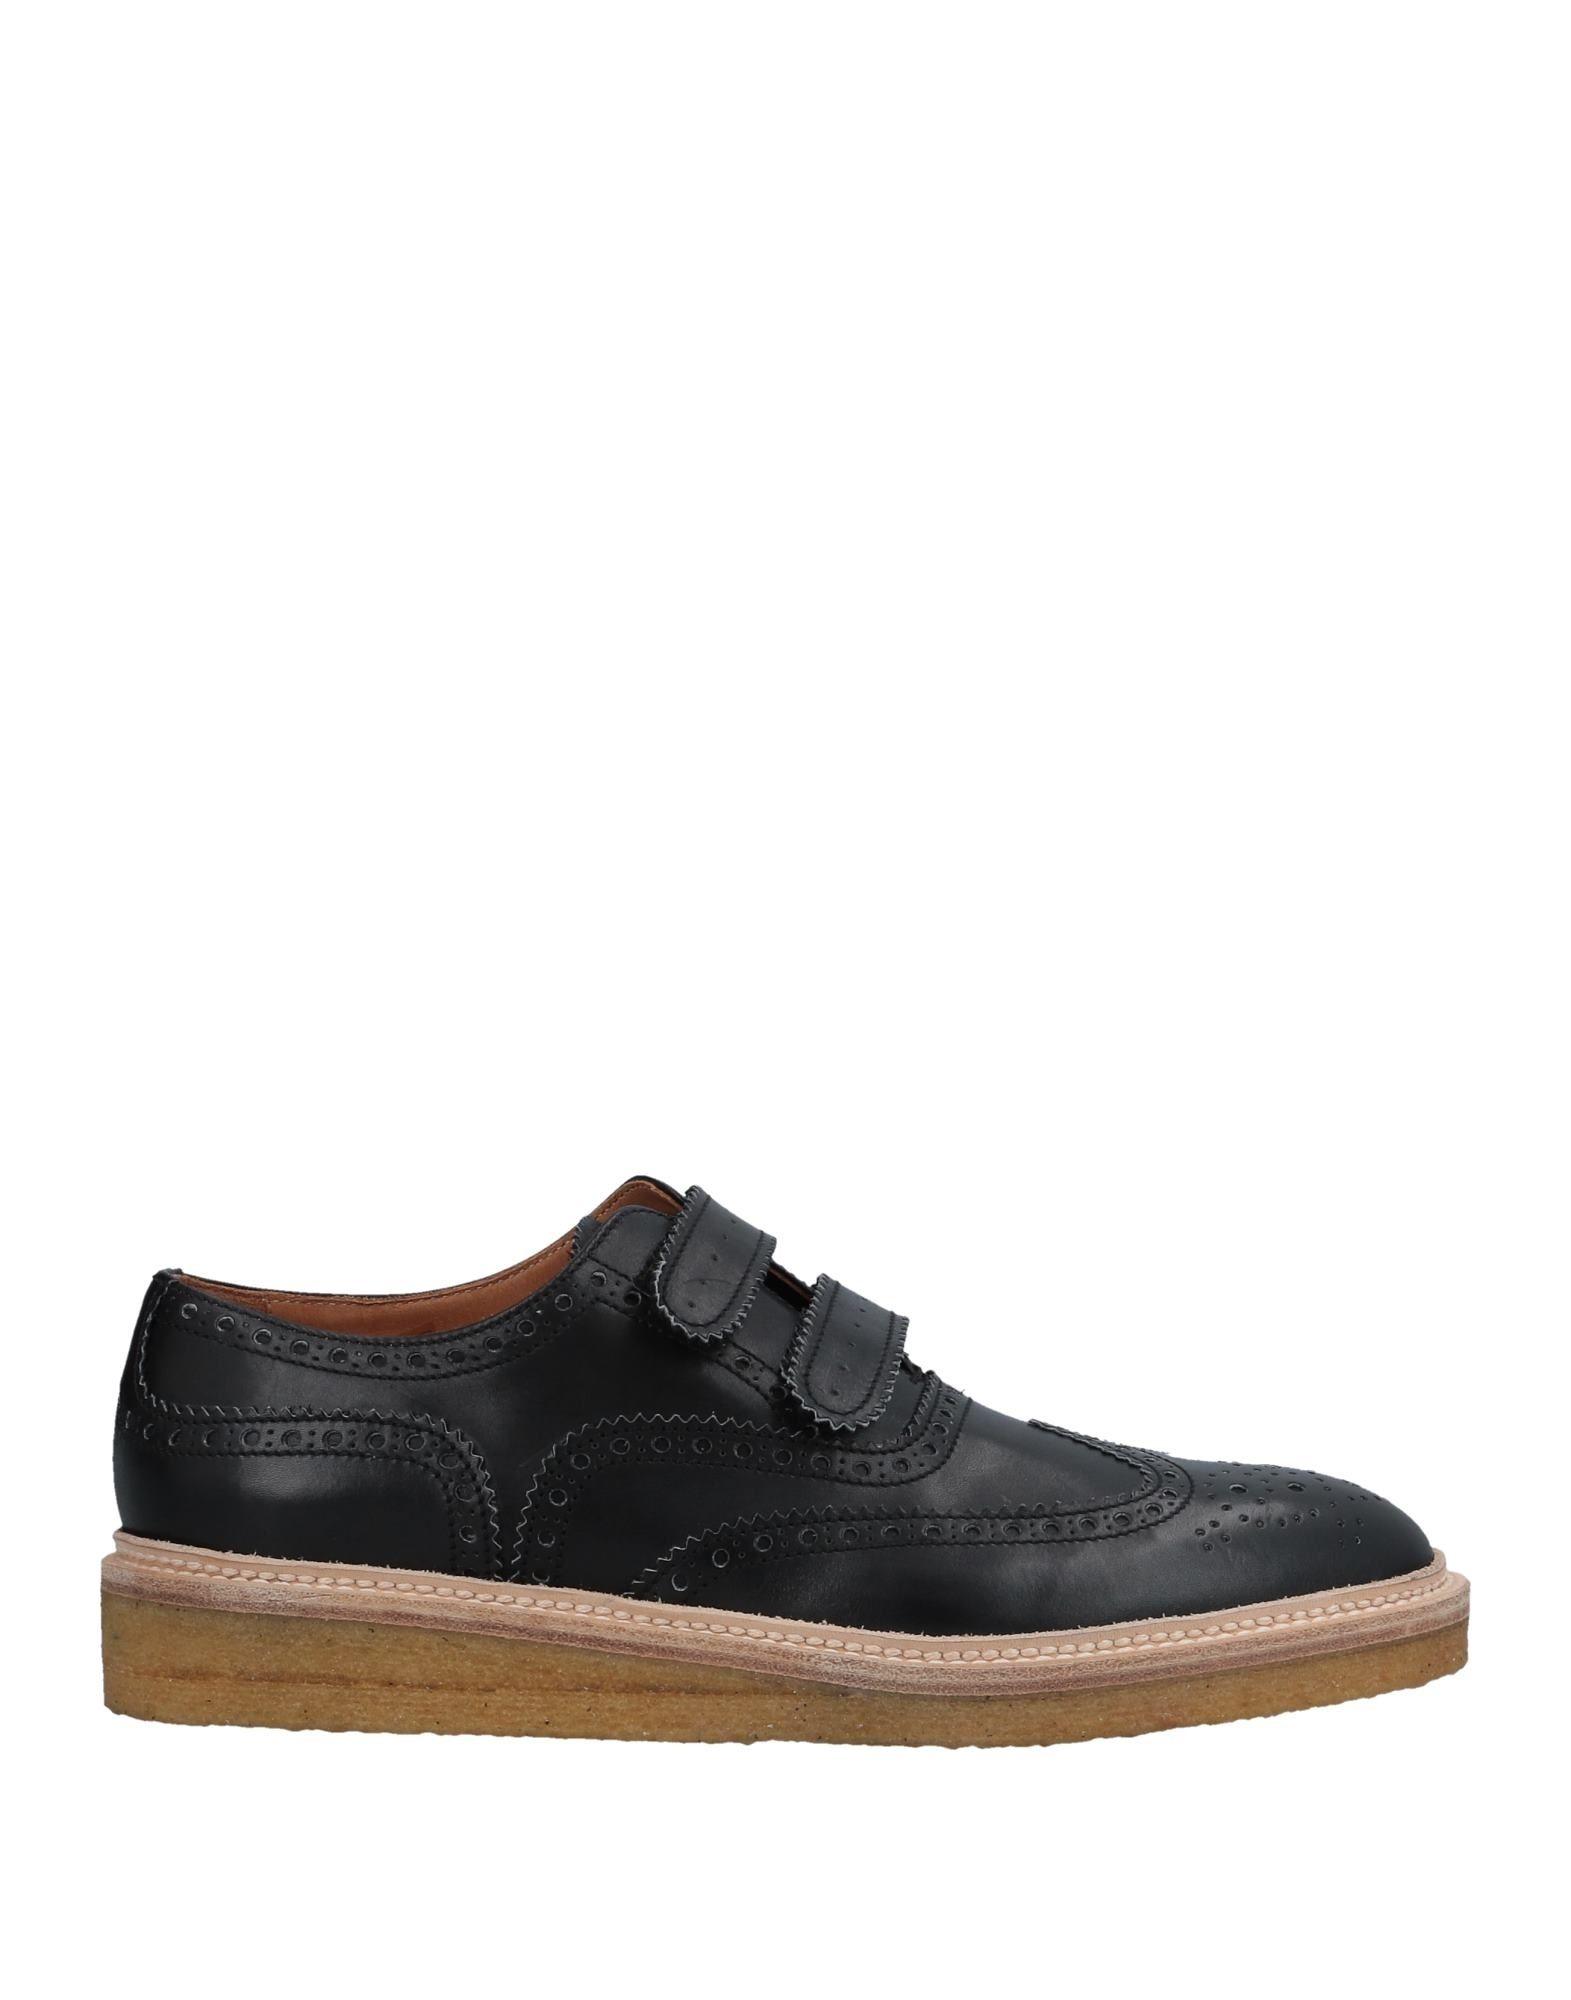 Whf Weber Hodel Feder Schnürschuhe Herren  11510643DD Gute Qualität beliebte Schuhe